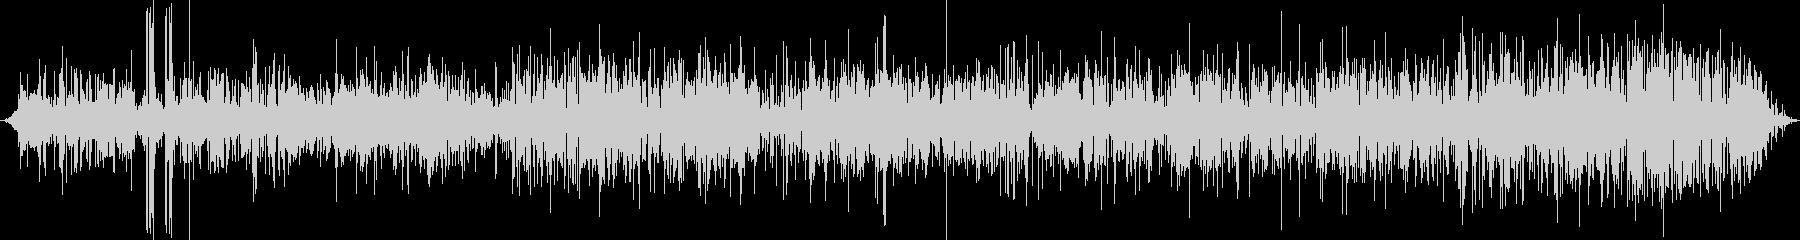 ヘビーディストーションシグナル:ヘ...の未再生の波形